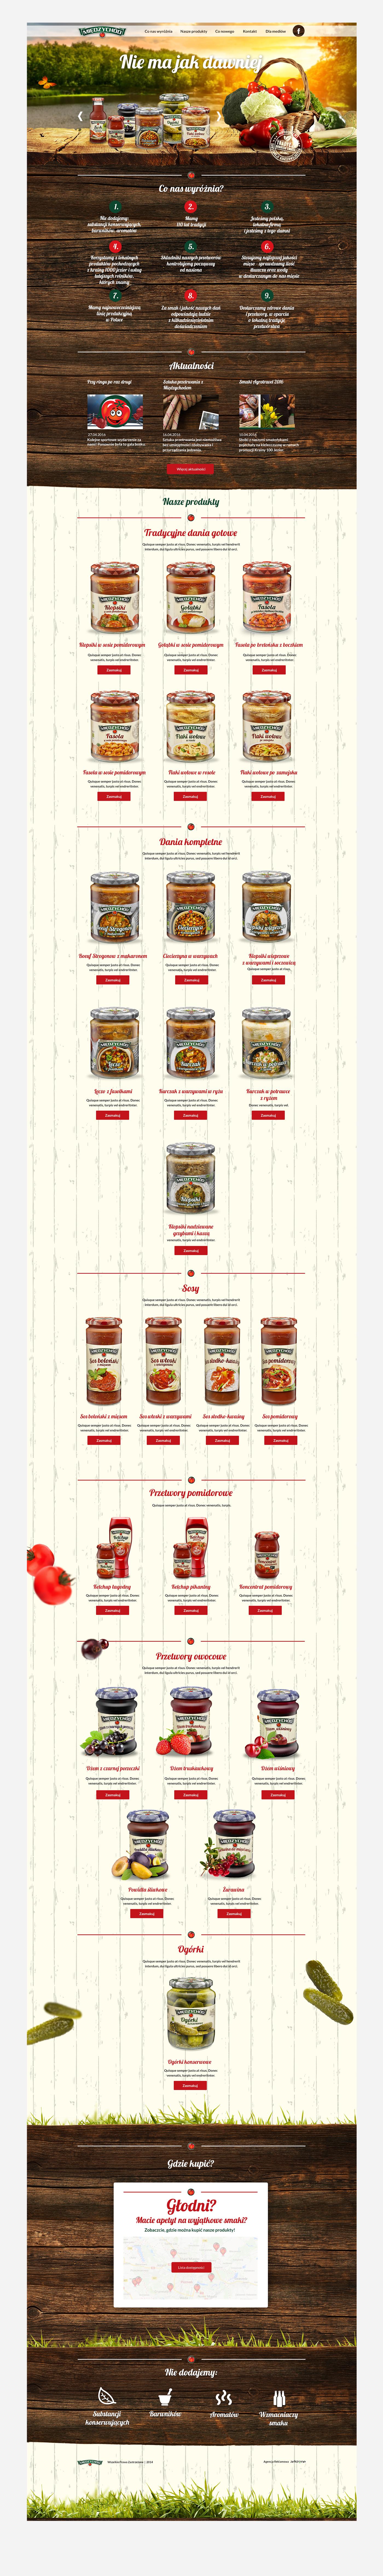 UI ux design graphic Responsive Food